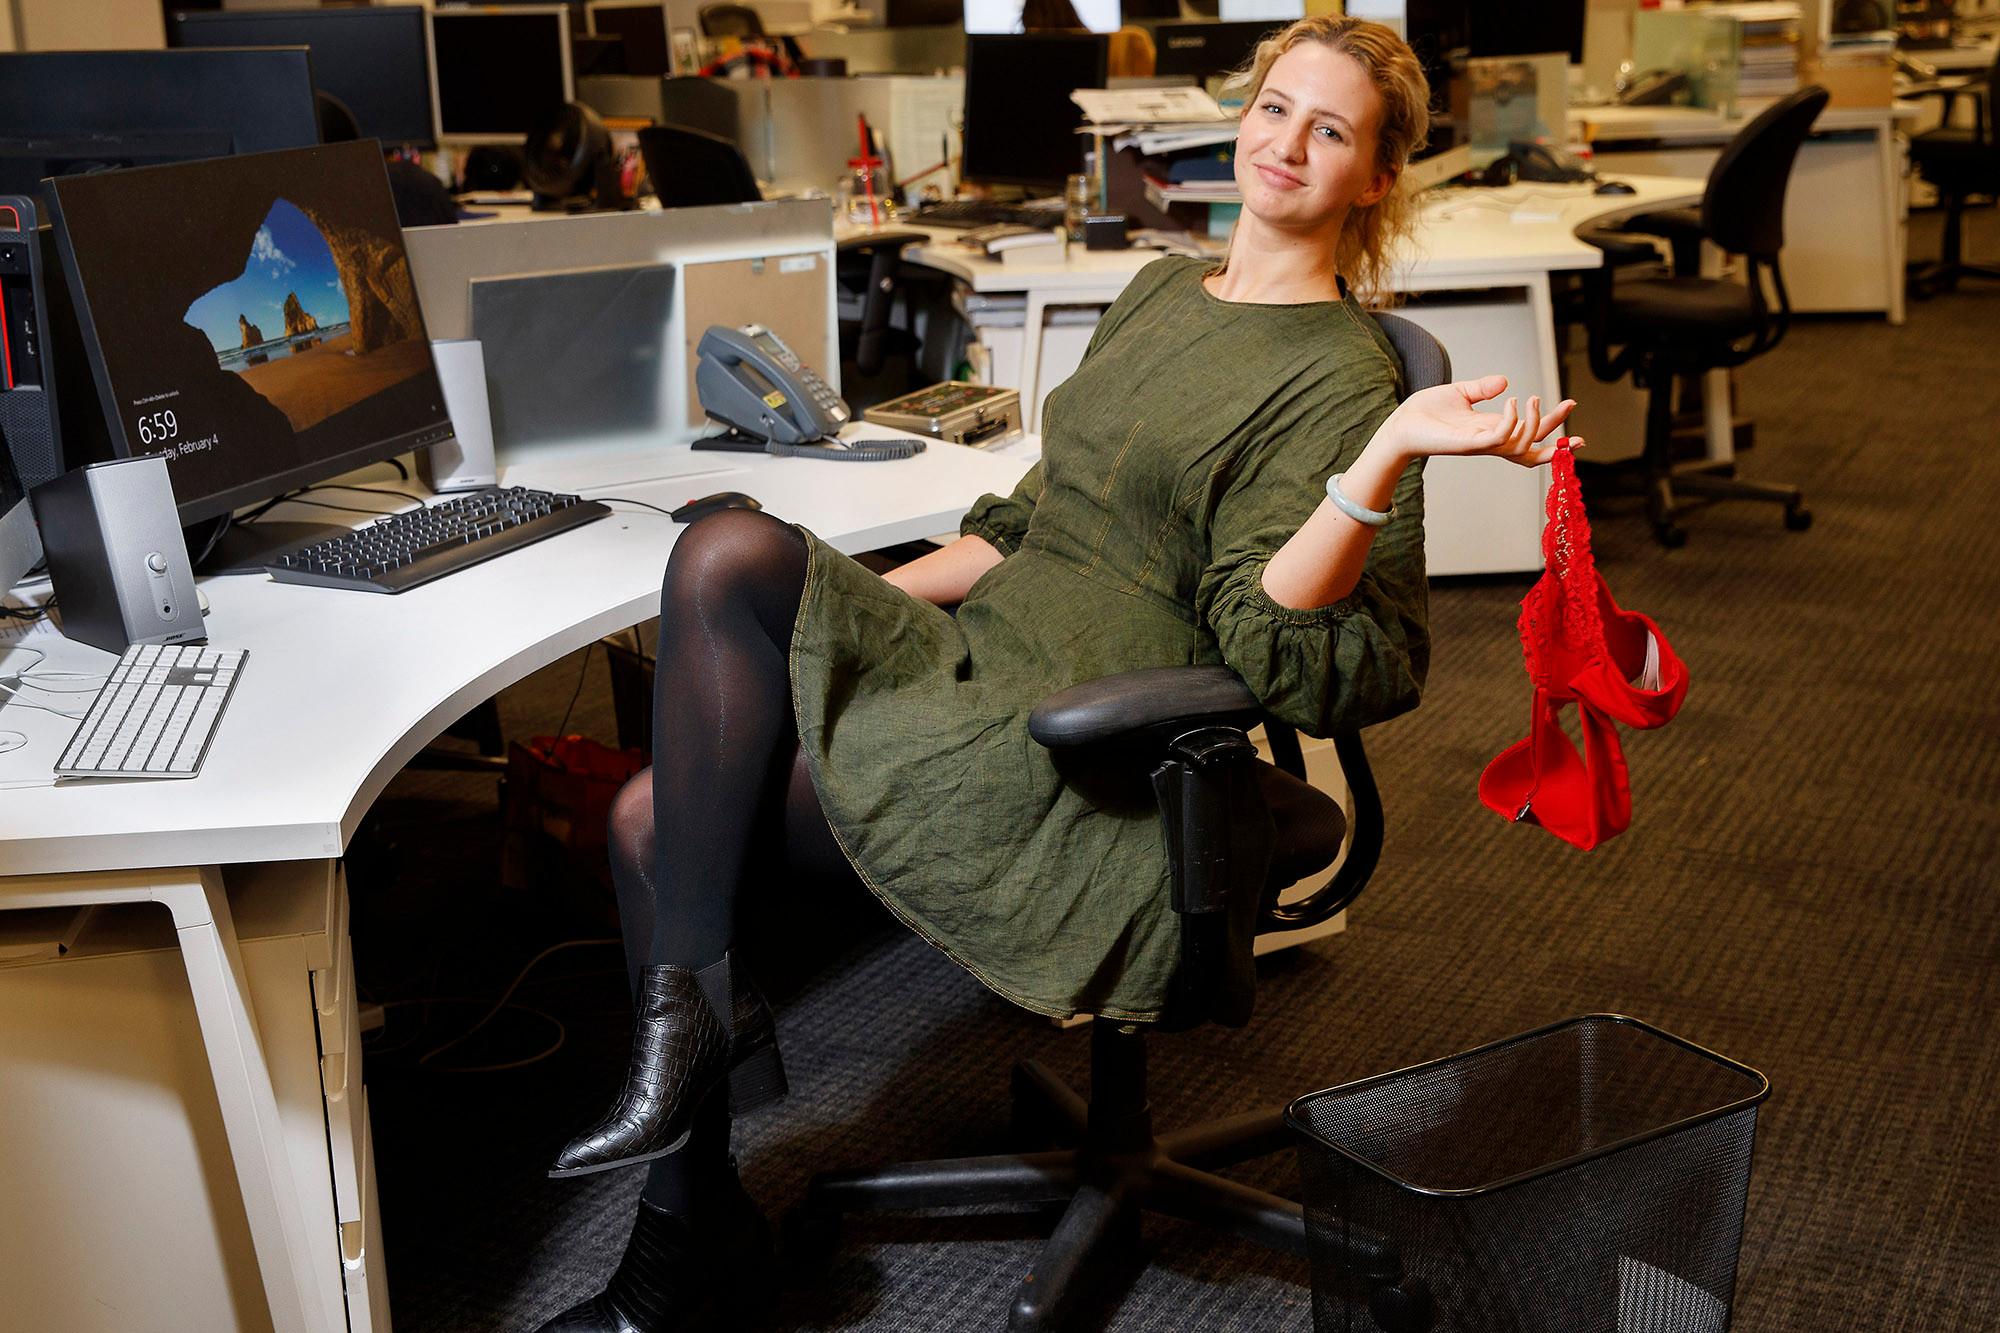 女人不穿胸罩上班錯了嗎?